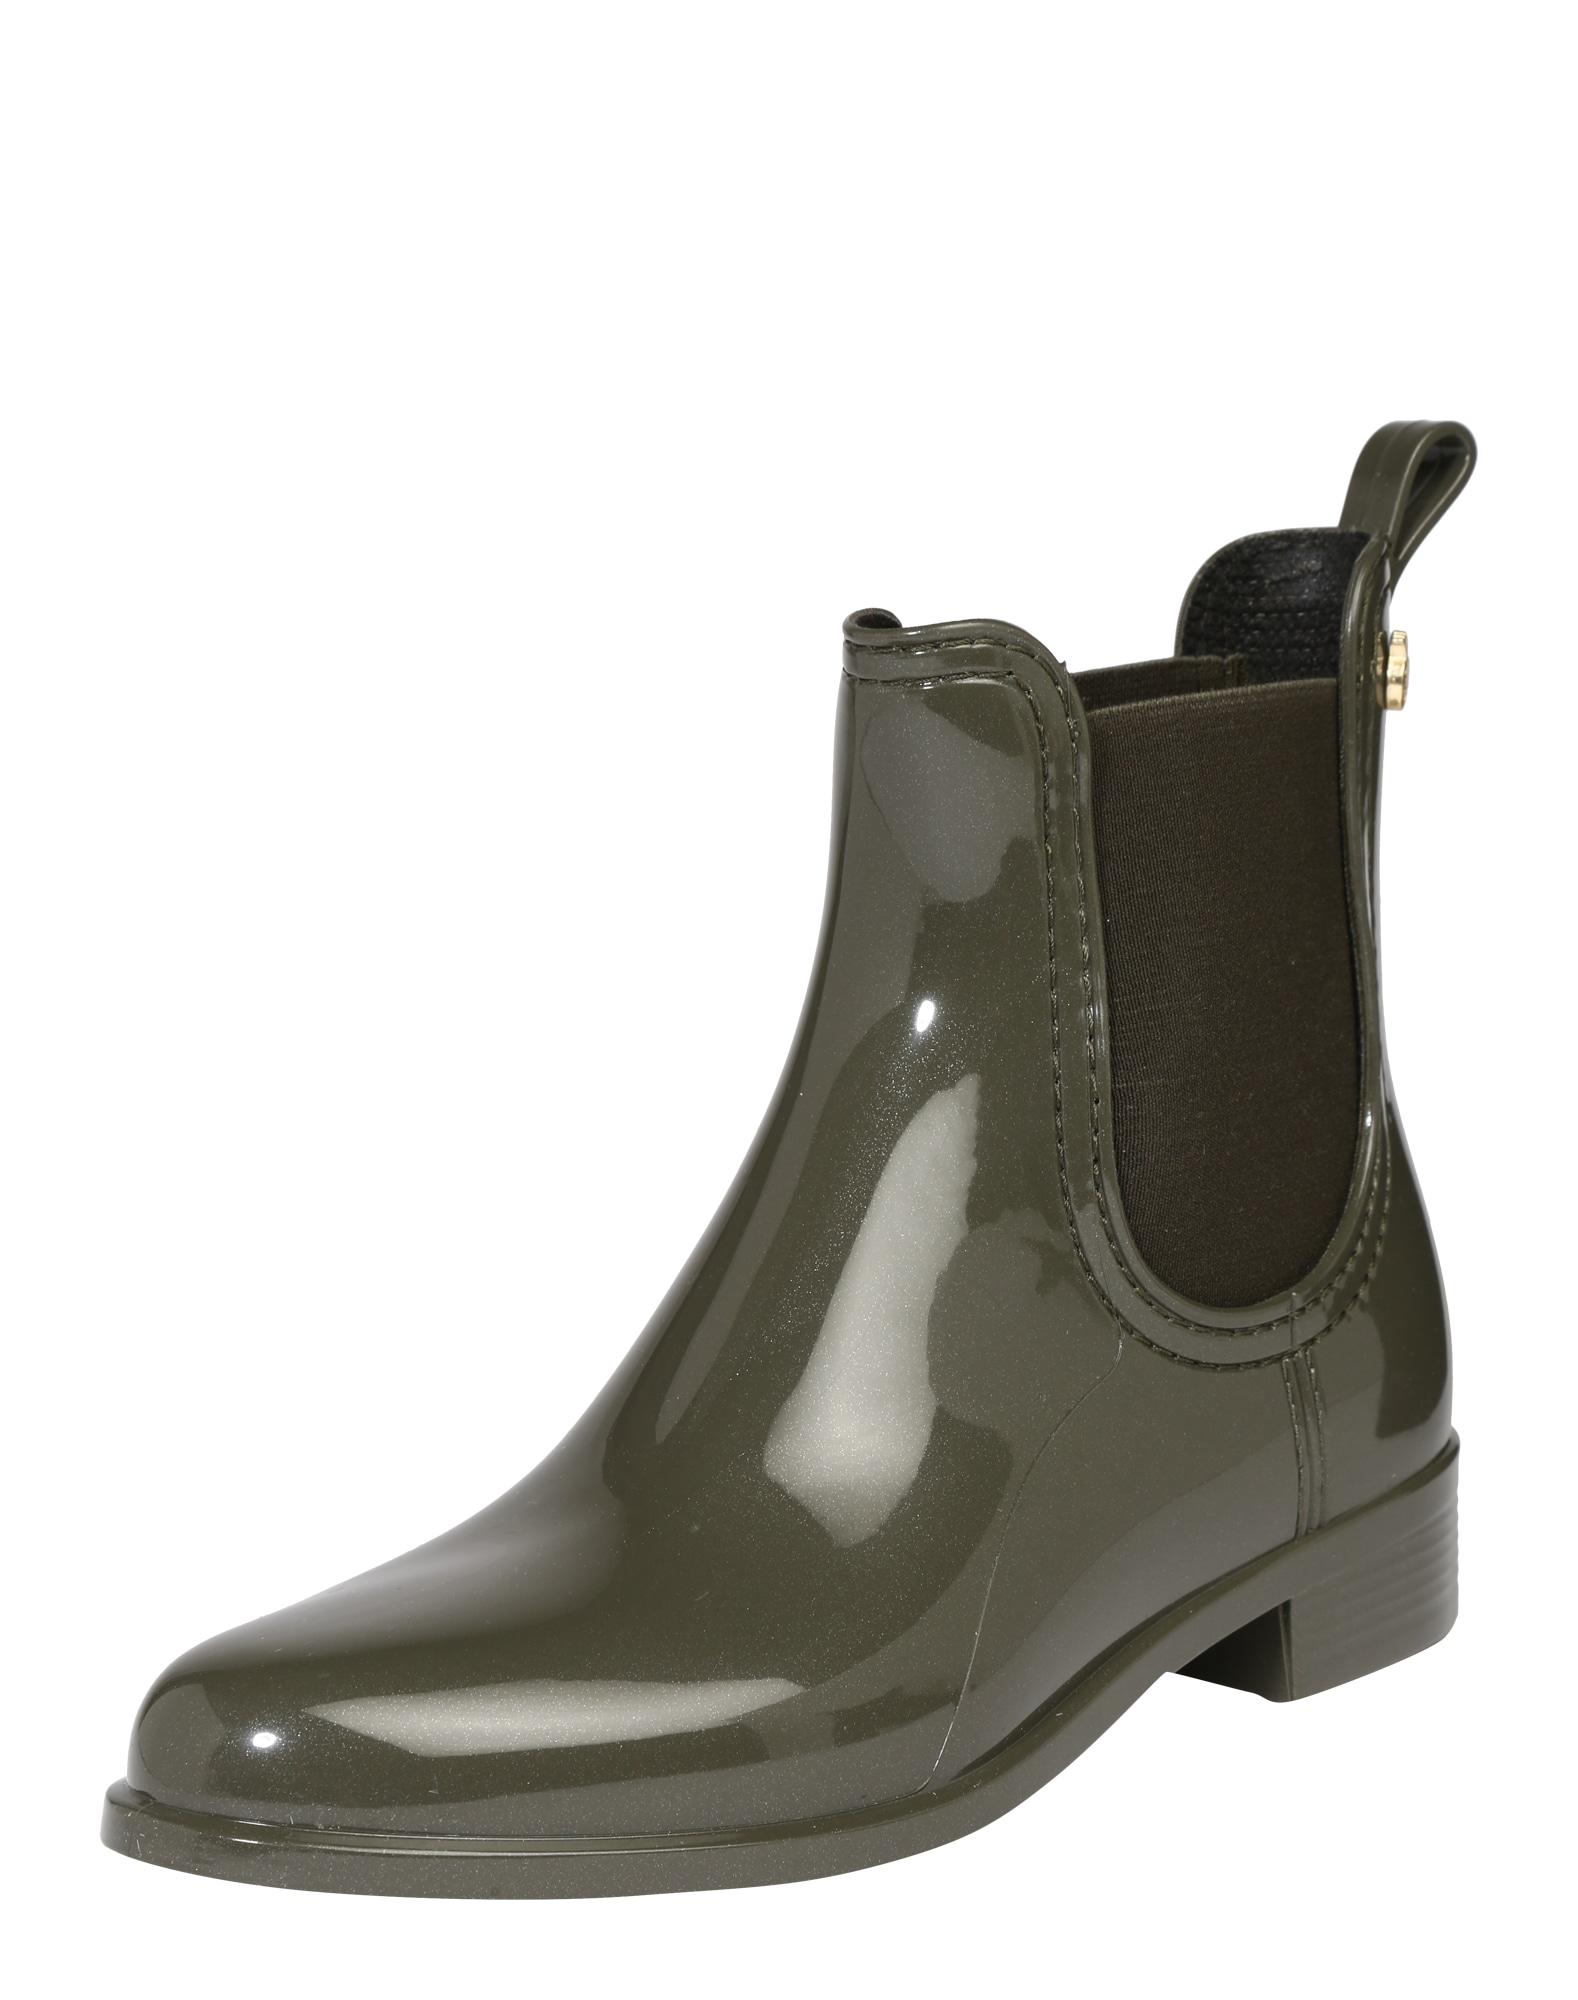 LEMON JELLY Guminiai batai 'Comfy' alyvuogių spalva